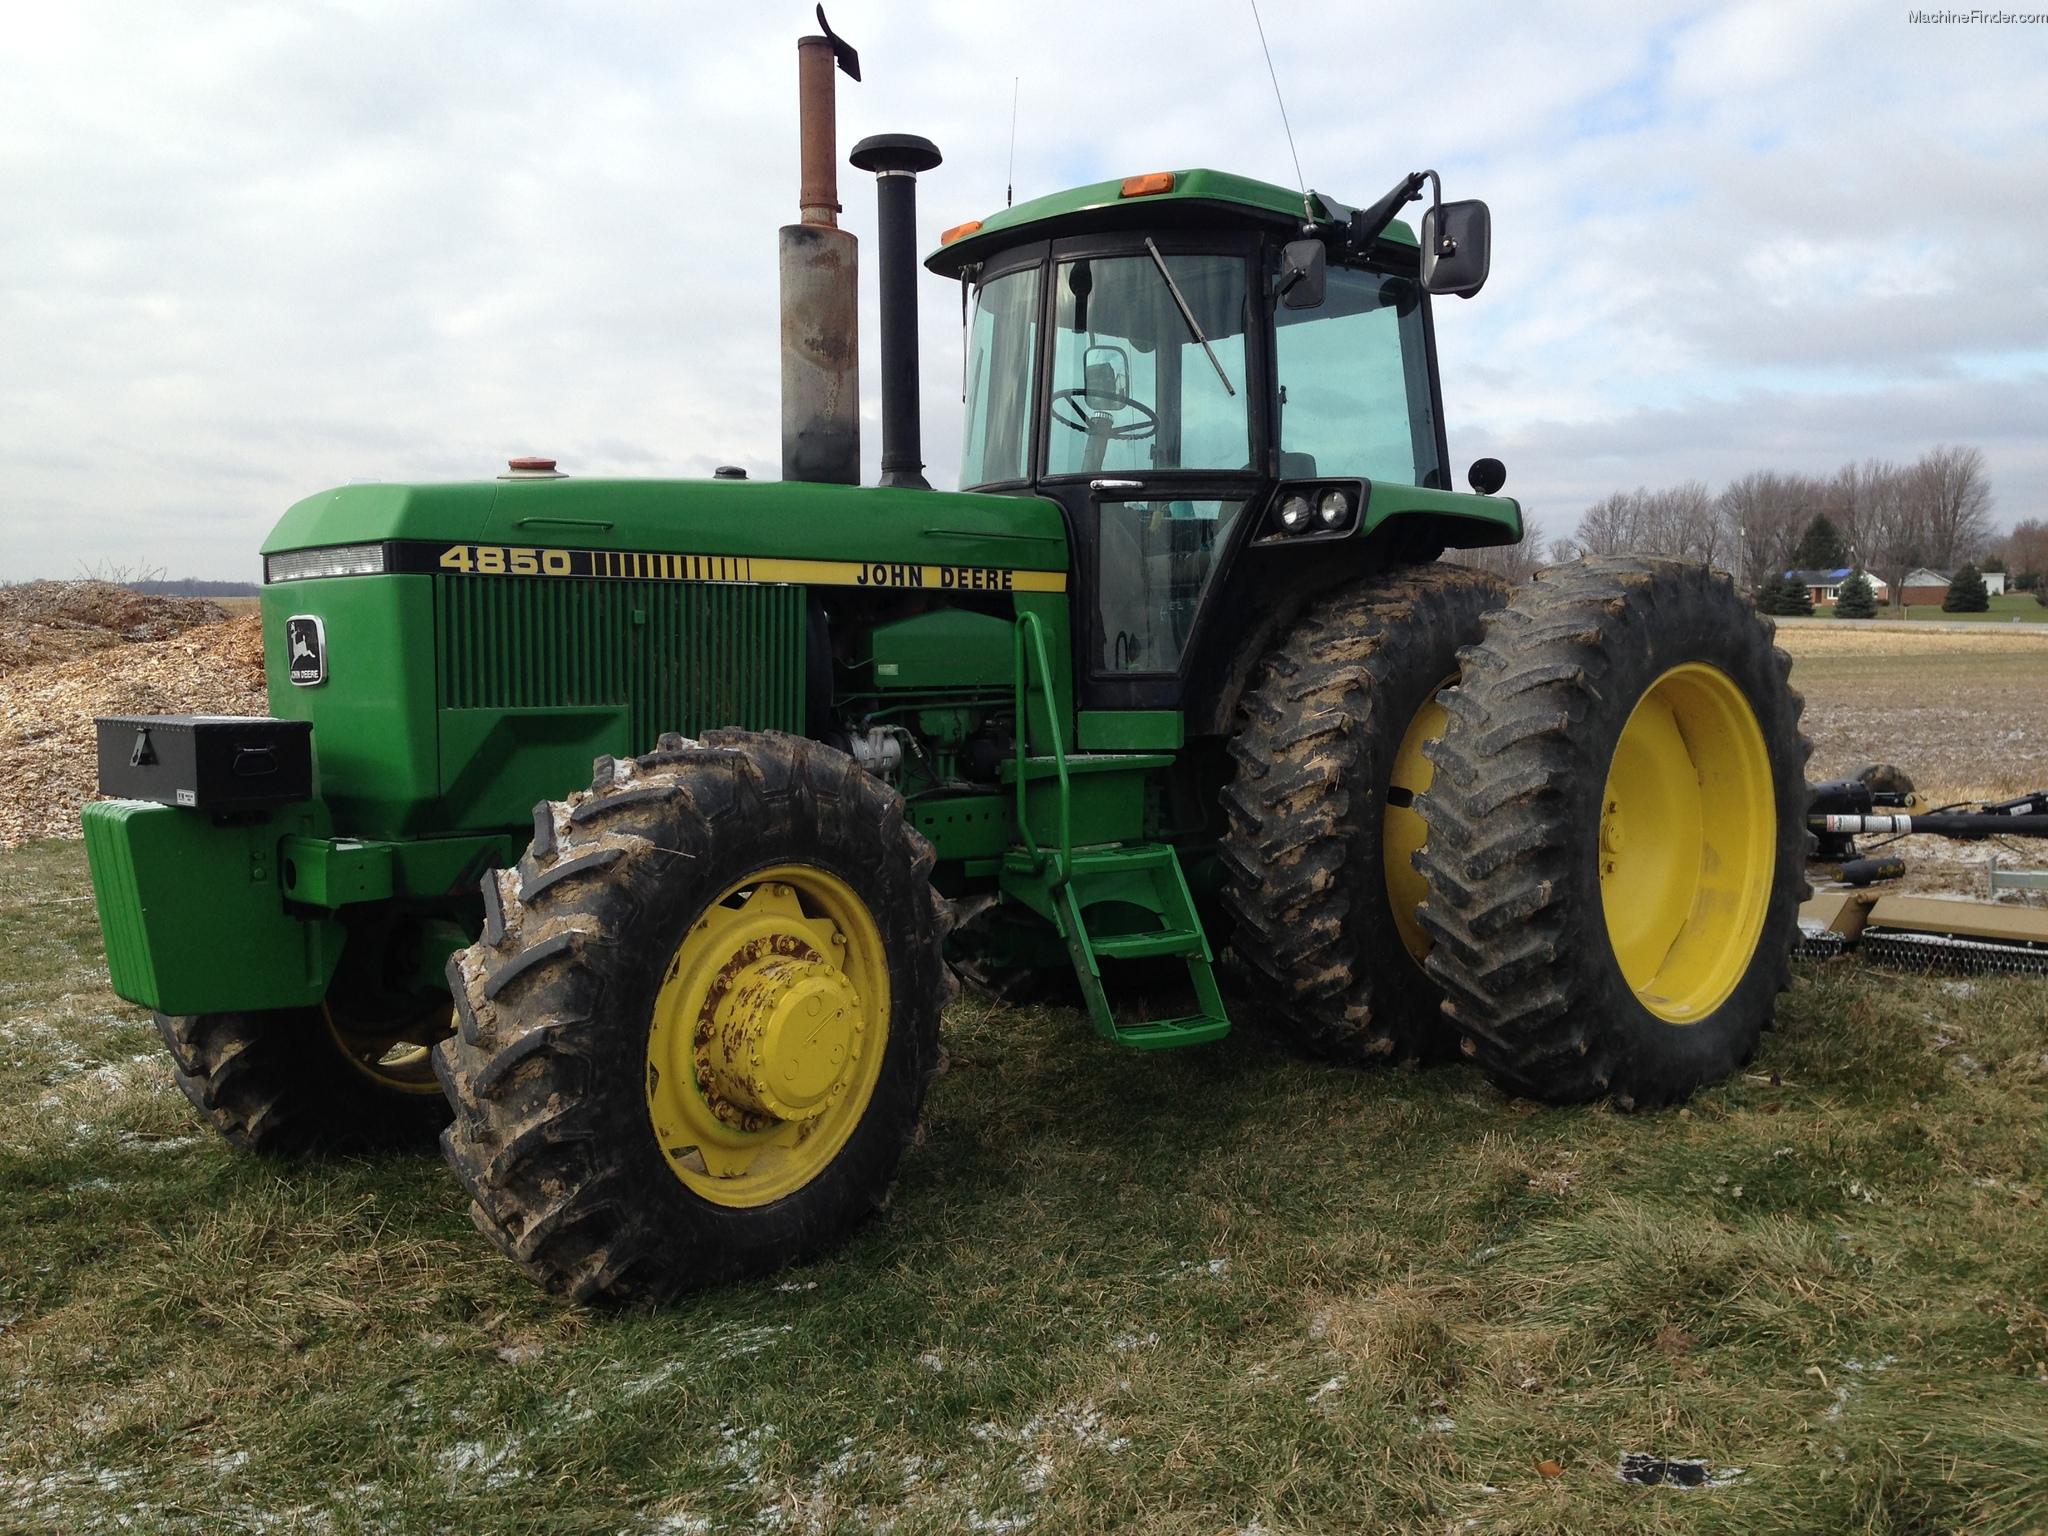 1984 John Deere 4850 Tractors - Row Crop (+100hp) - John ...